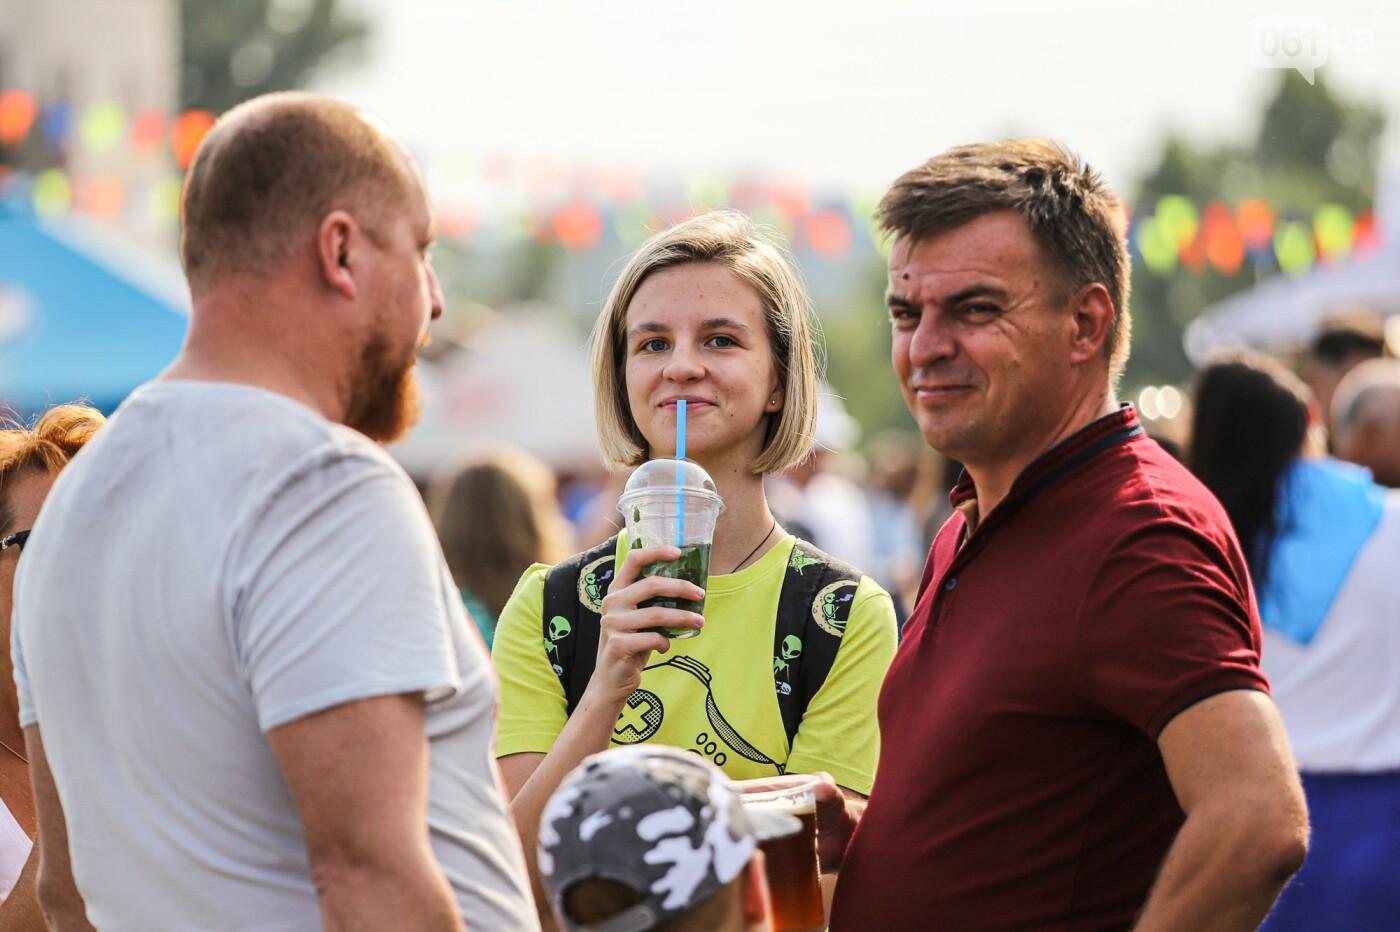 Бограч в хлебных горшочках и мясо из уникальной печи: что нового на фестивале уличной еды в Запорожье, - ФОТОРЕПОРТАЖ, фото-28